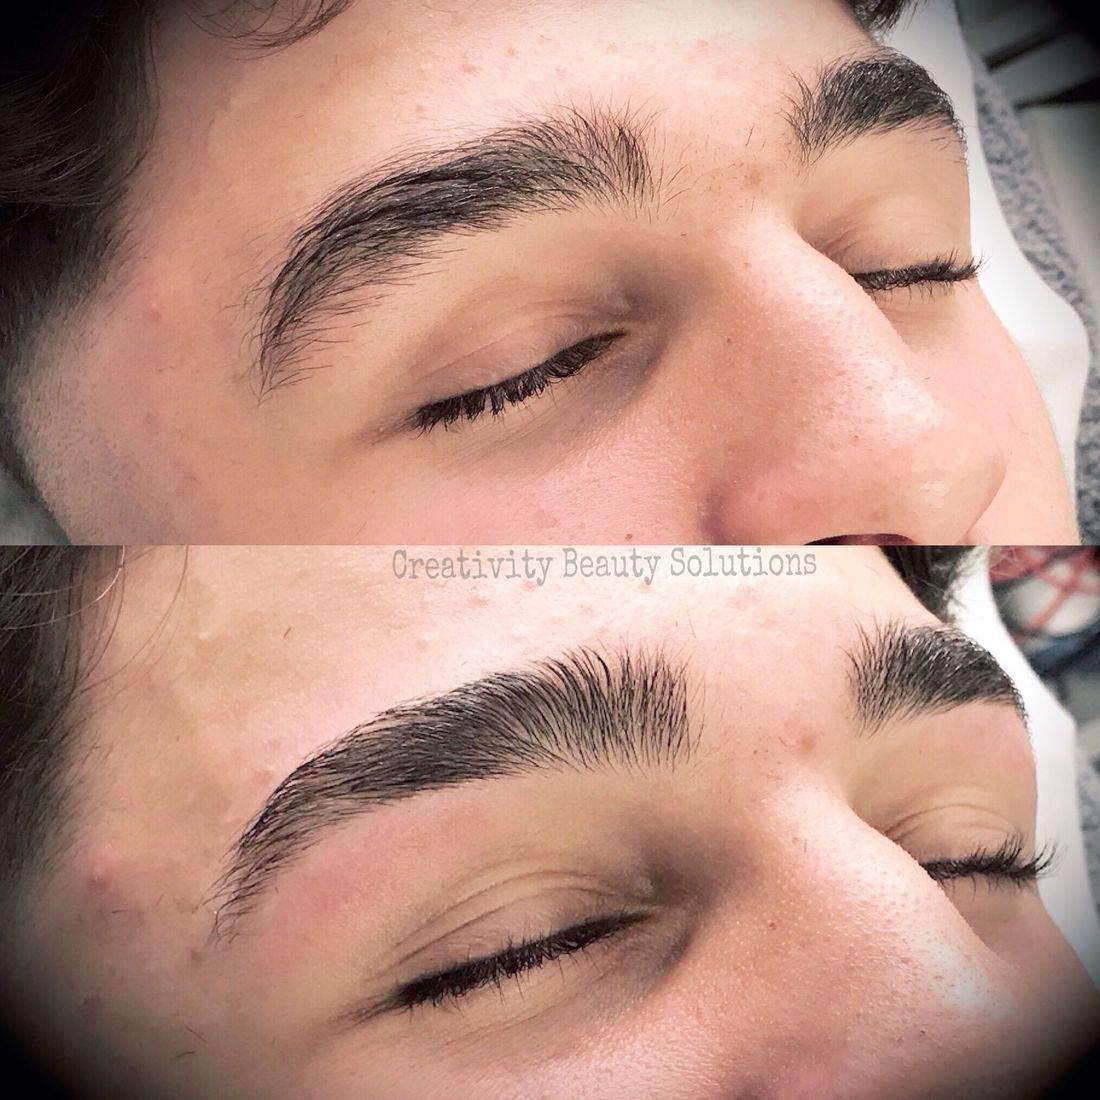 Eyebrow define, brow shape, brow tint, hd brows, eyebrow wax, man brows